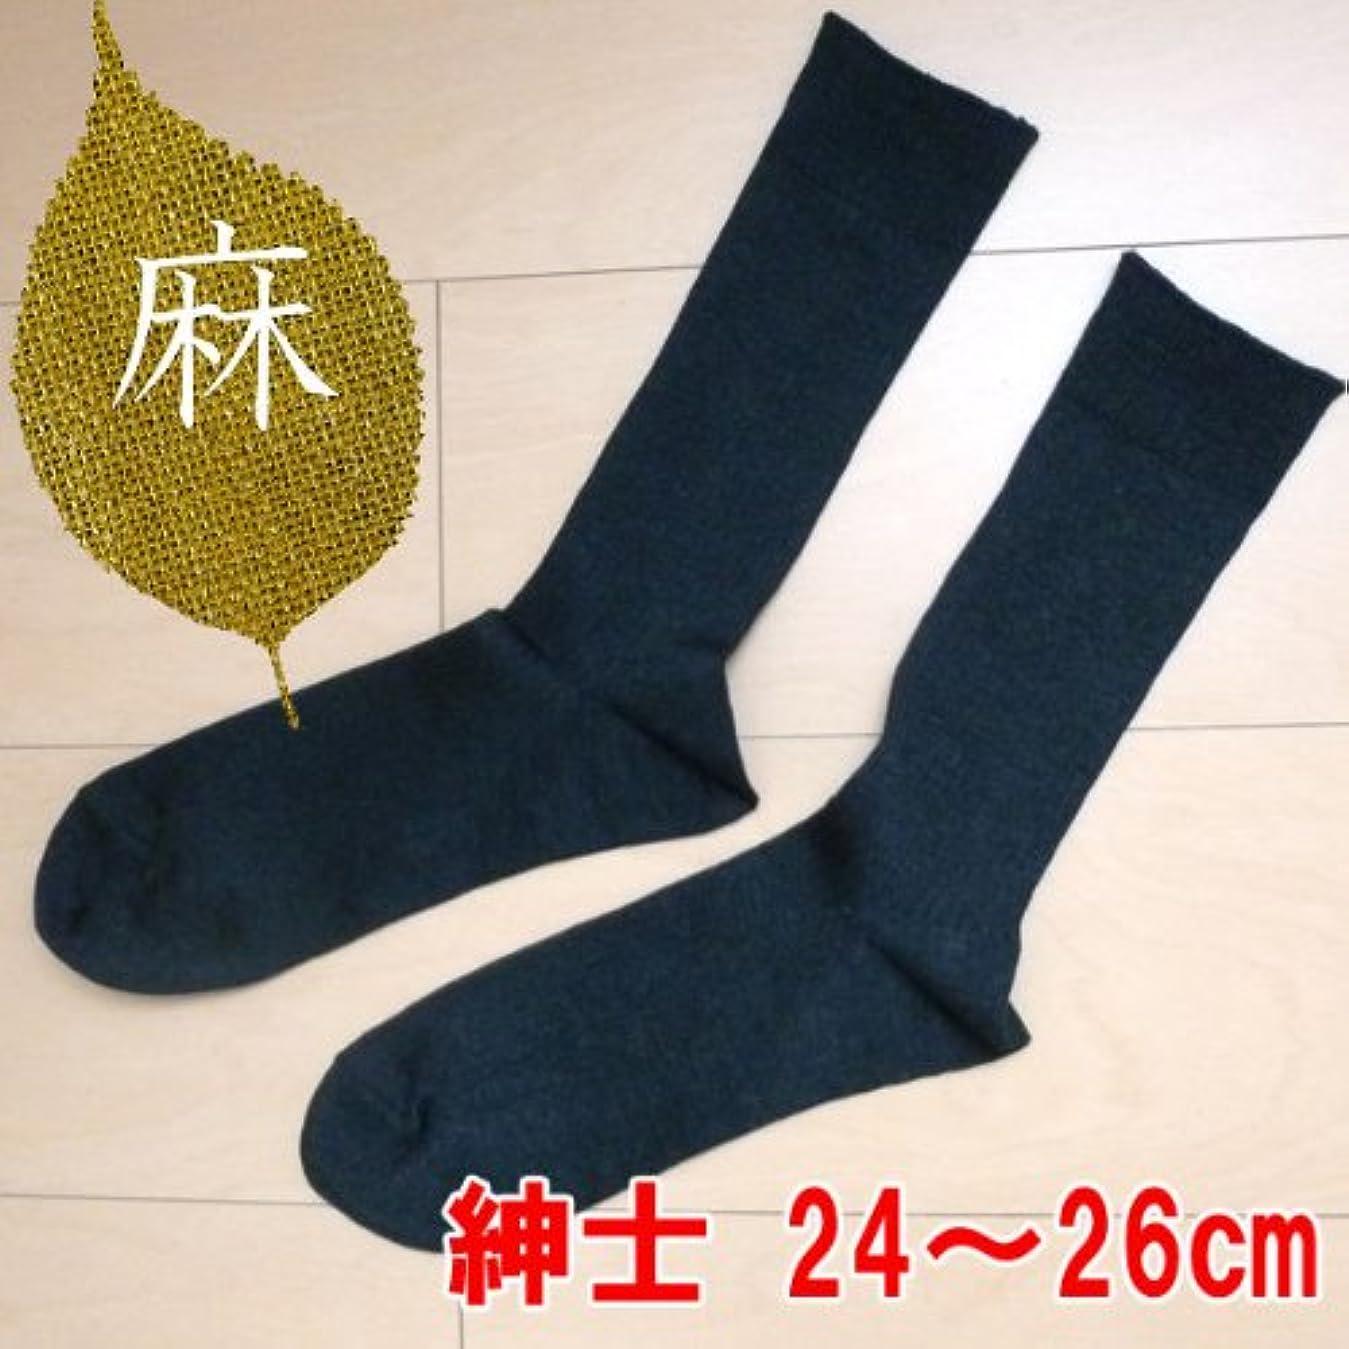 硫黄作動するメロディーリブソックス 麻 日本製 男性用 無地 24~26cm 防臭 速乾